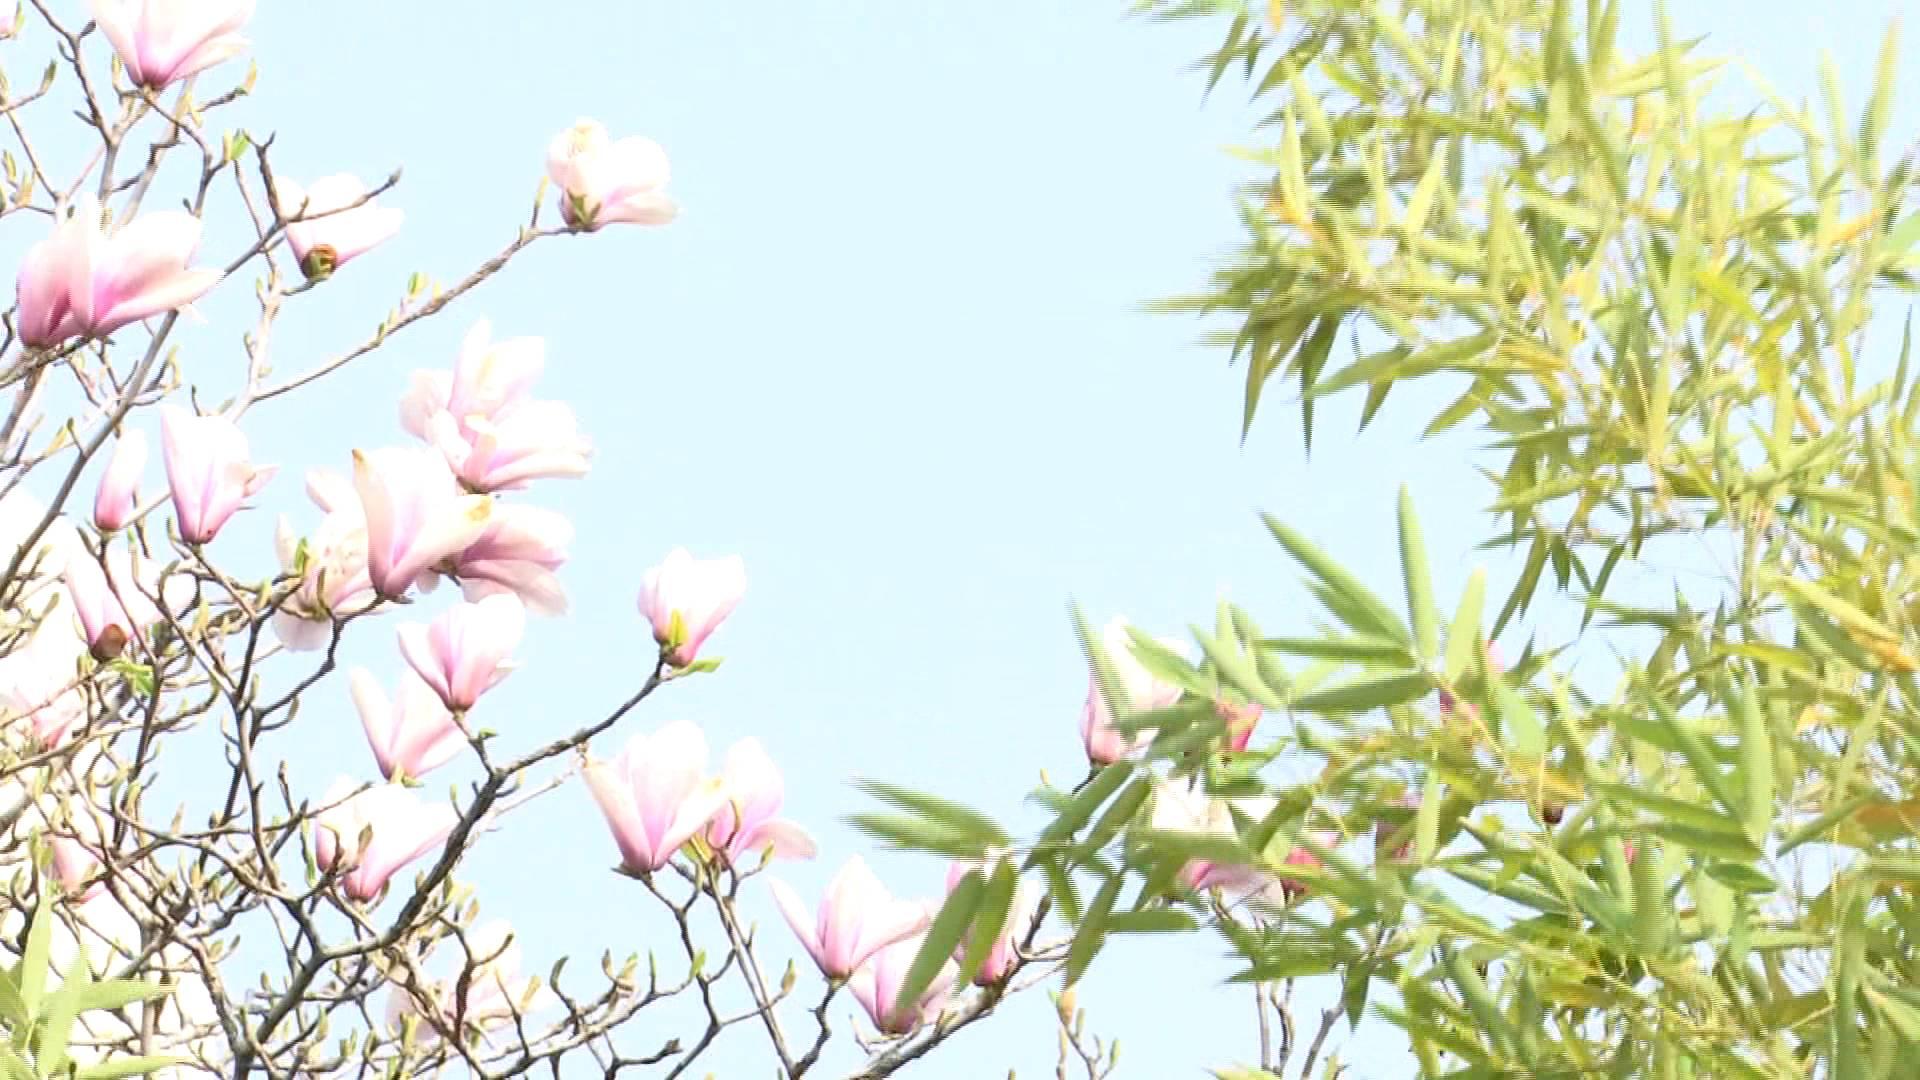 67秒丨困skr人的春困是病吗?专家支招,应对春困我们应该怎么做